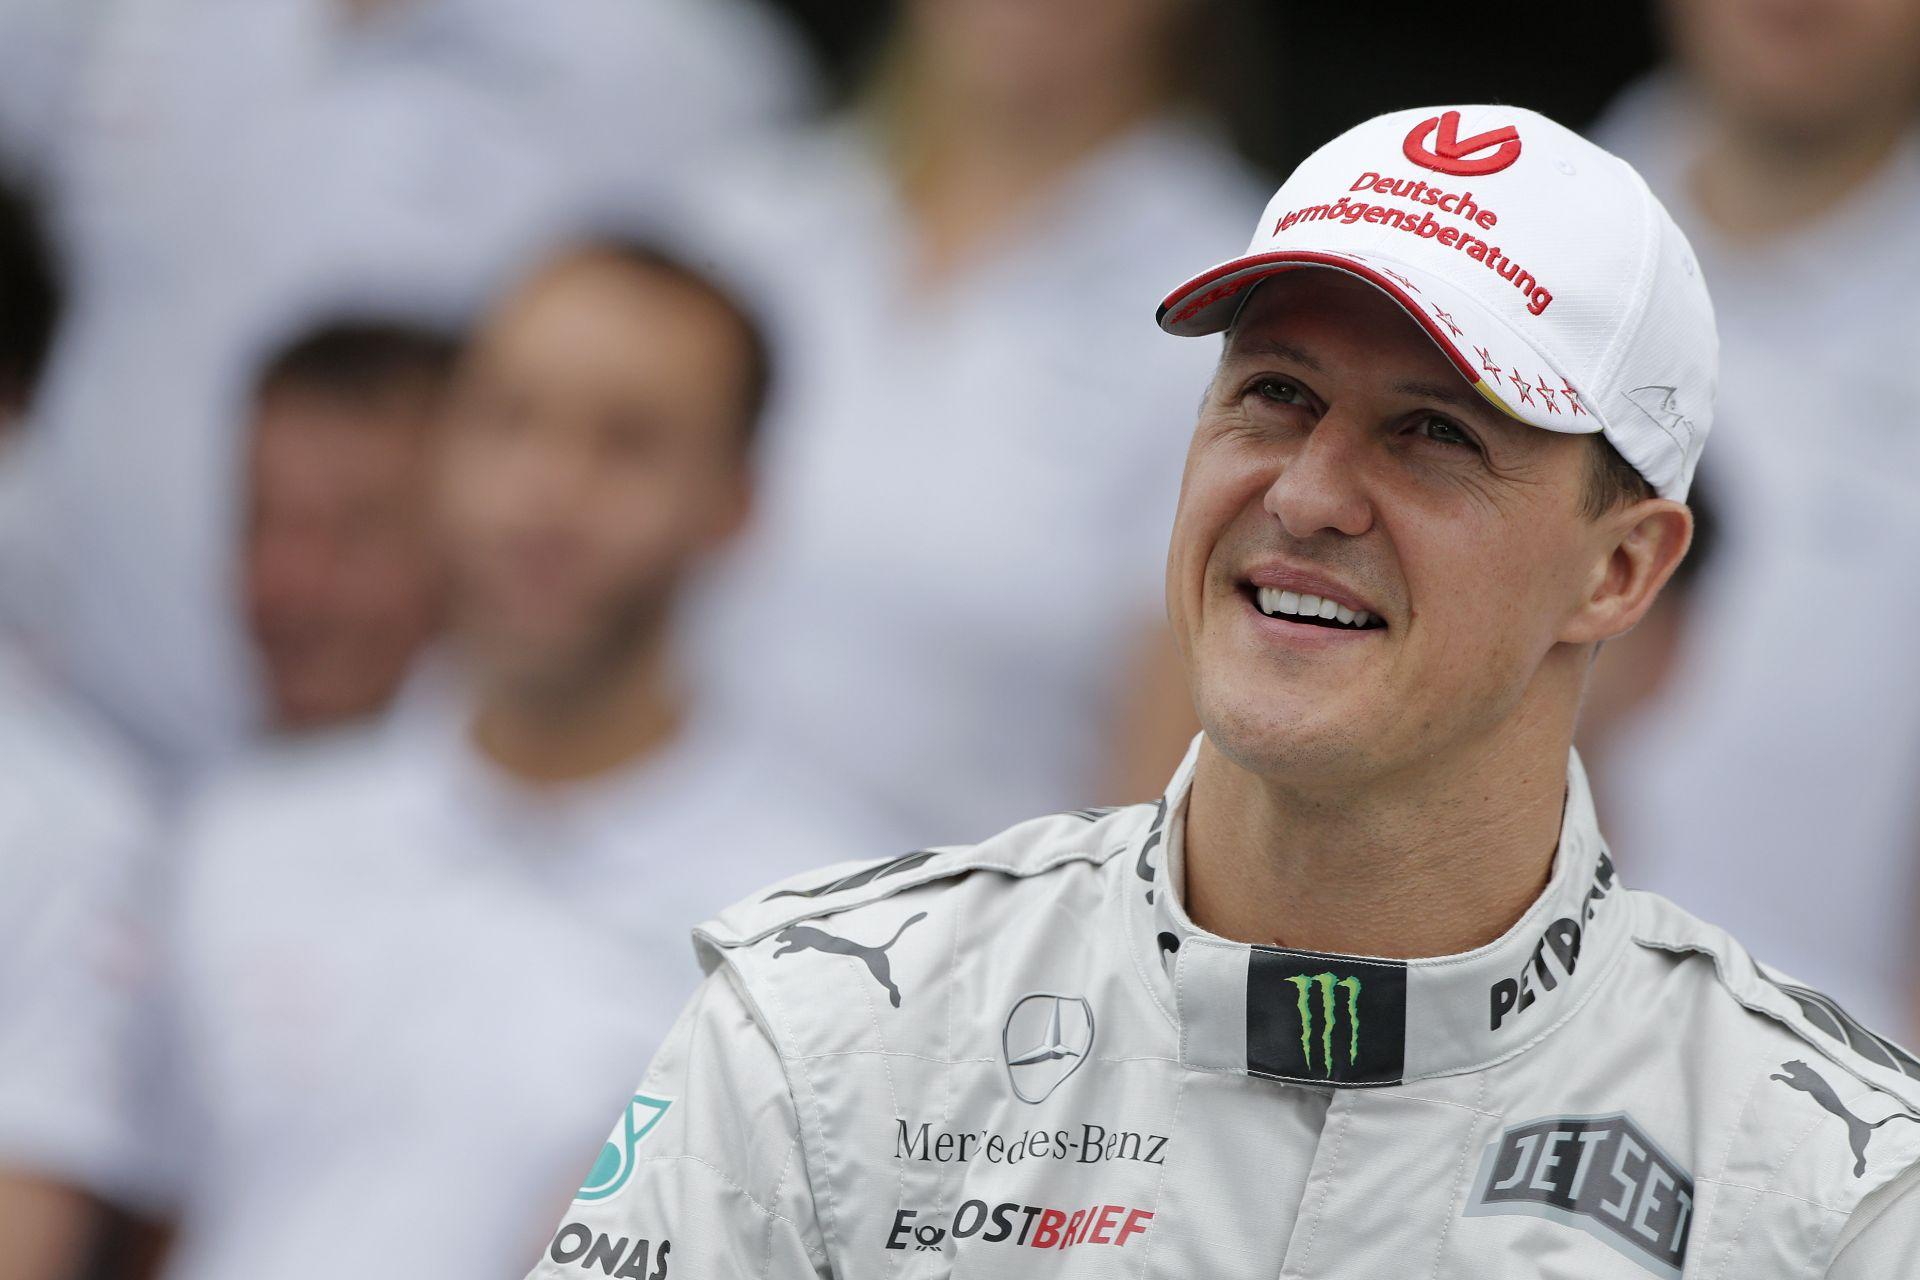 Schumacher három éve ezen a napon köszönt el végleg a Forma-1-től: érzelmes búcsú